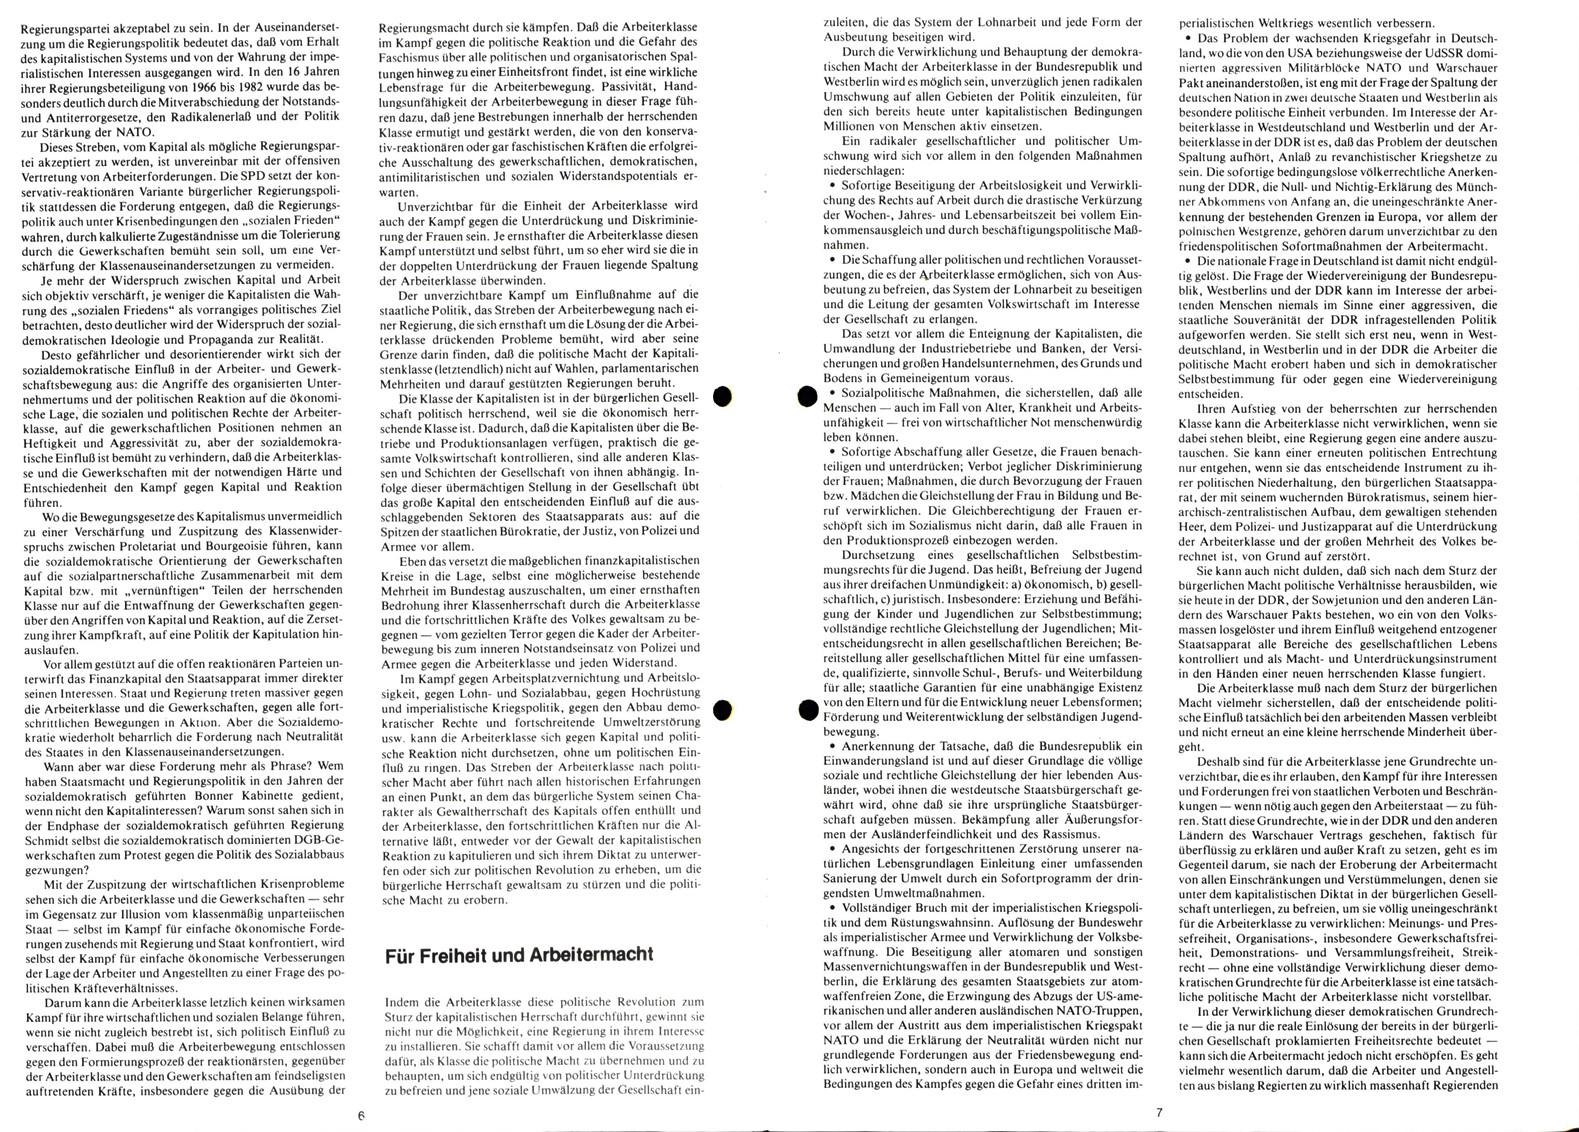 KPDML_1985_Dokumente_vom_Sonderparteitag_04